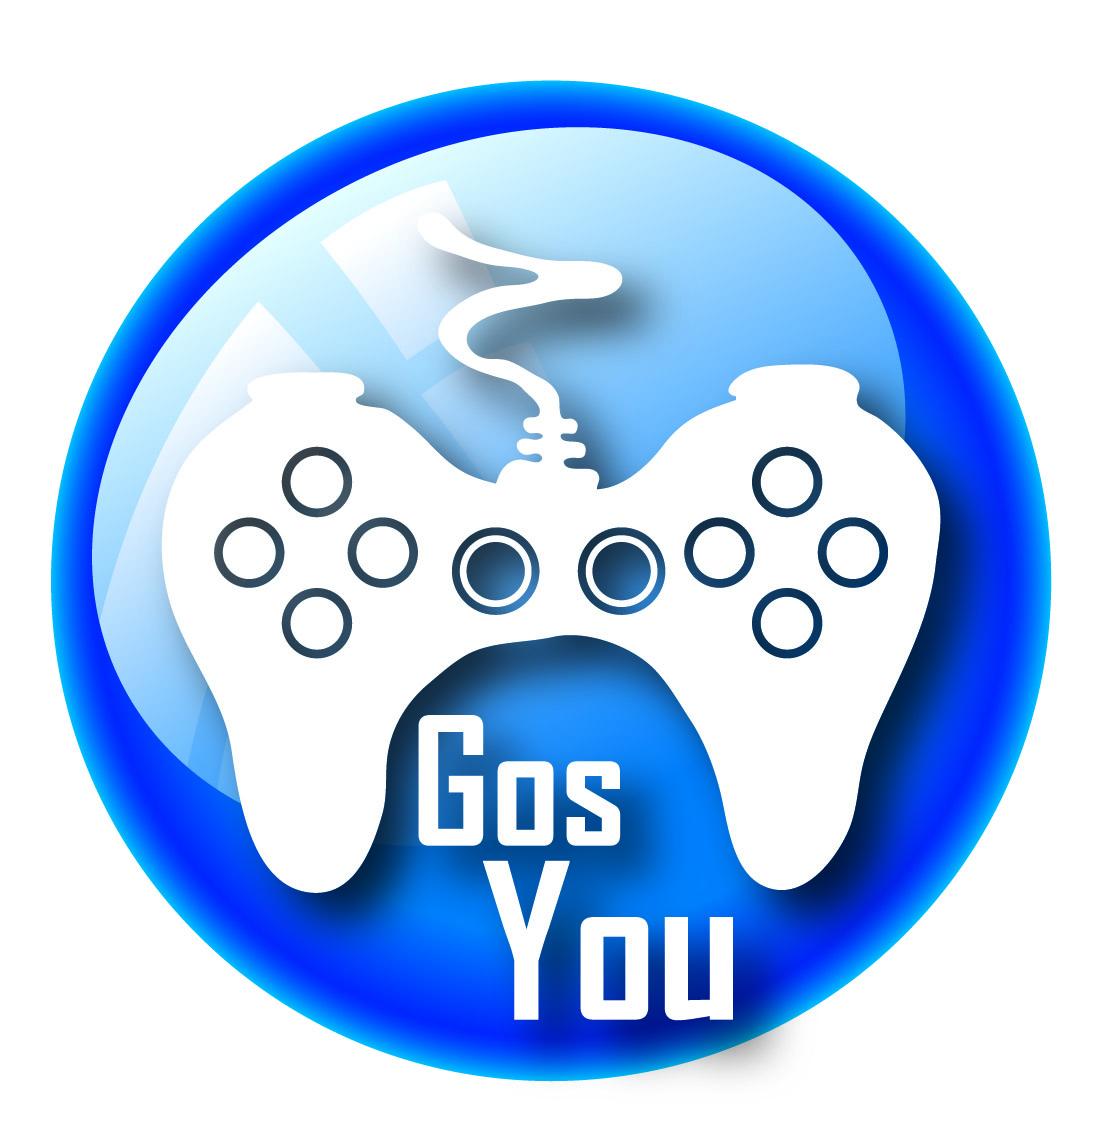 Логотип, фир. стиль и иконку для социальной сети GosYou фото f_507944522755a.jpg